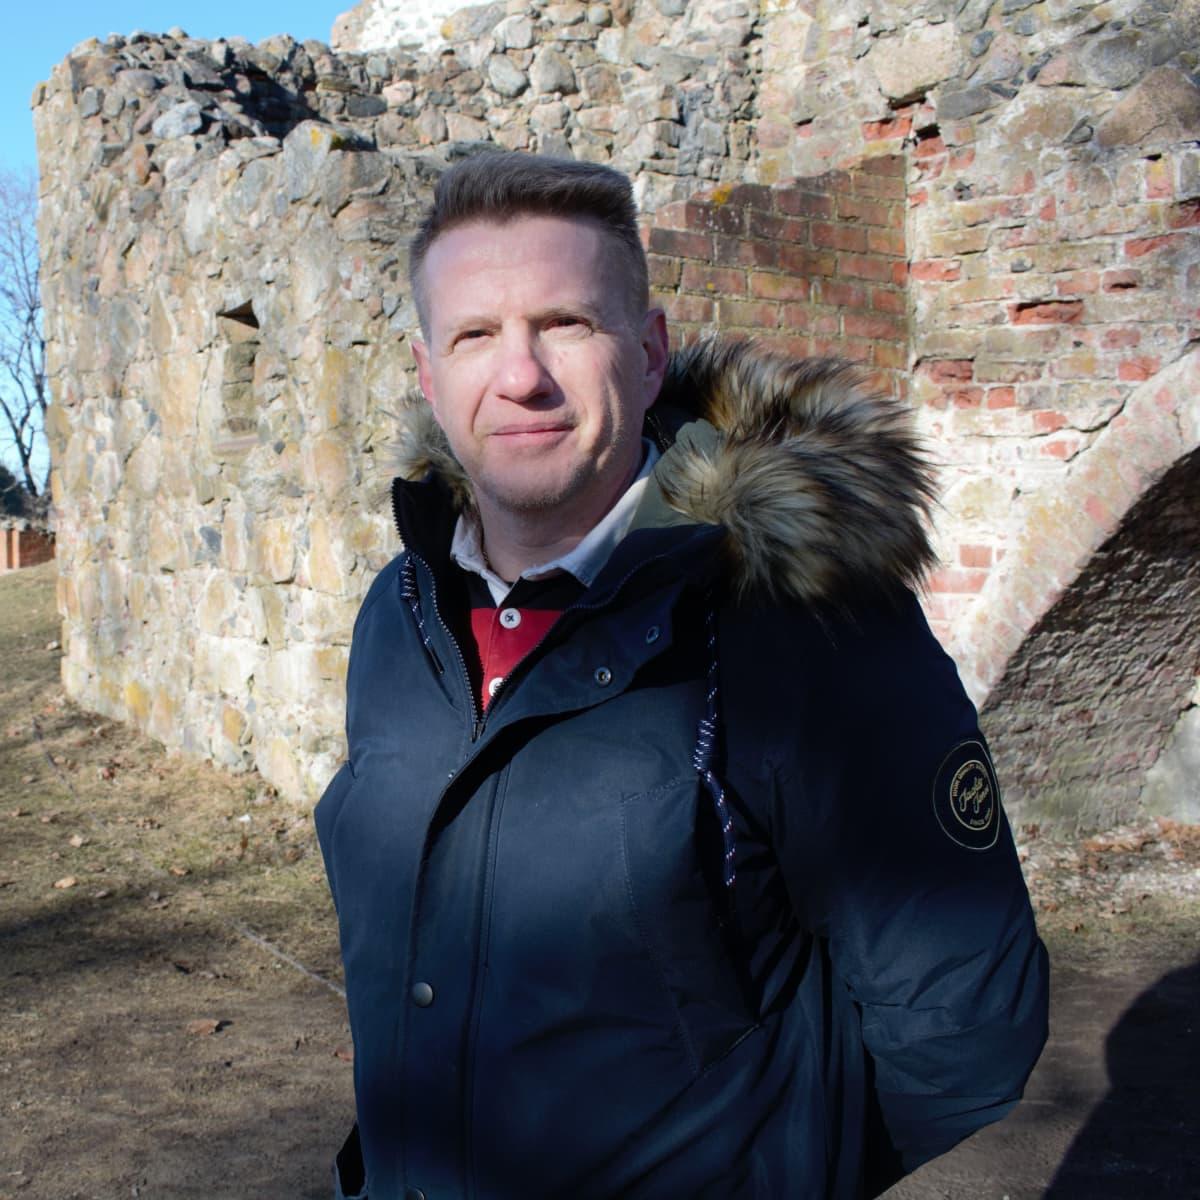 Ohjelmistosuunnittelija Markku Pohjola teki virtuaalimallin Kuusiston piispanlinnasta.